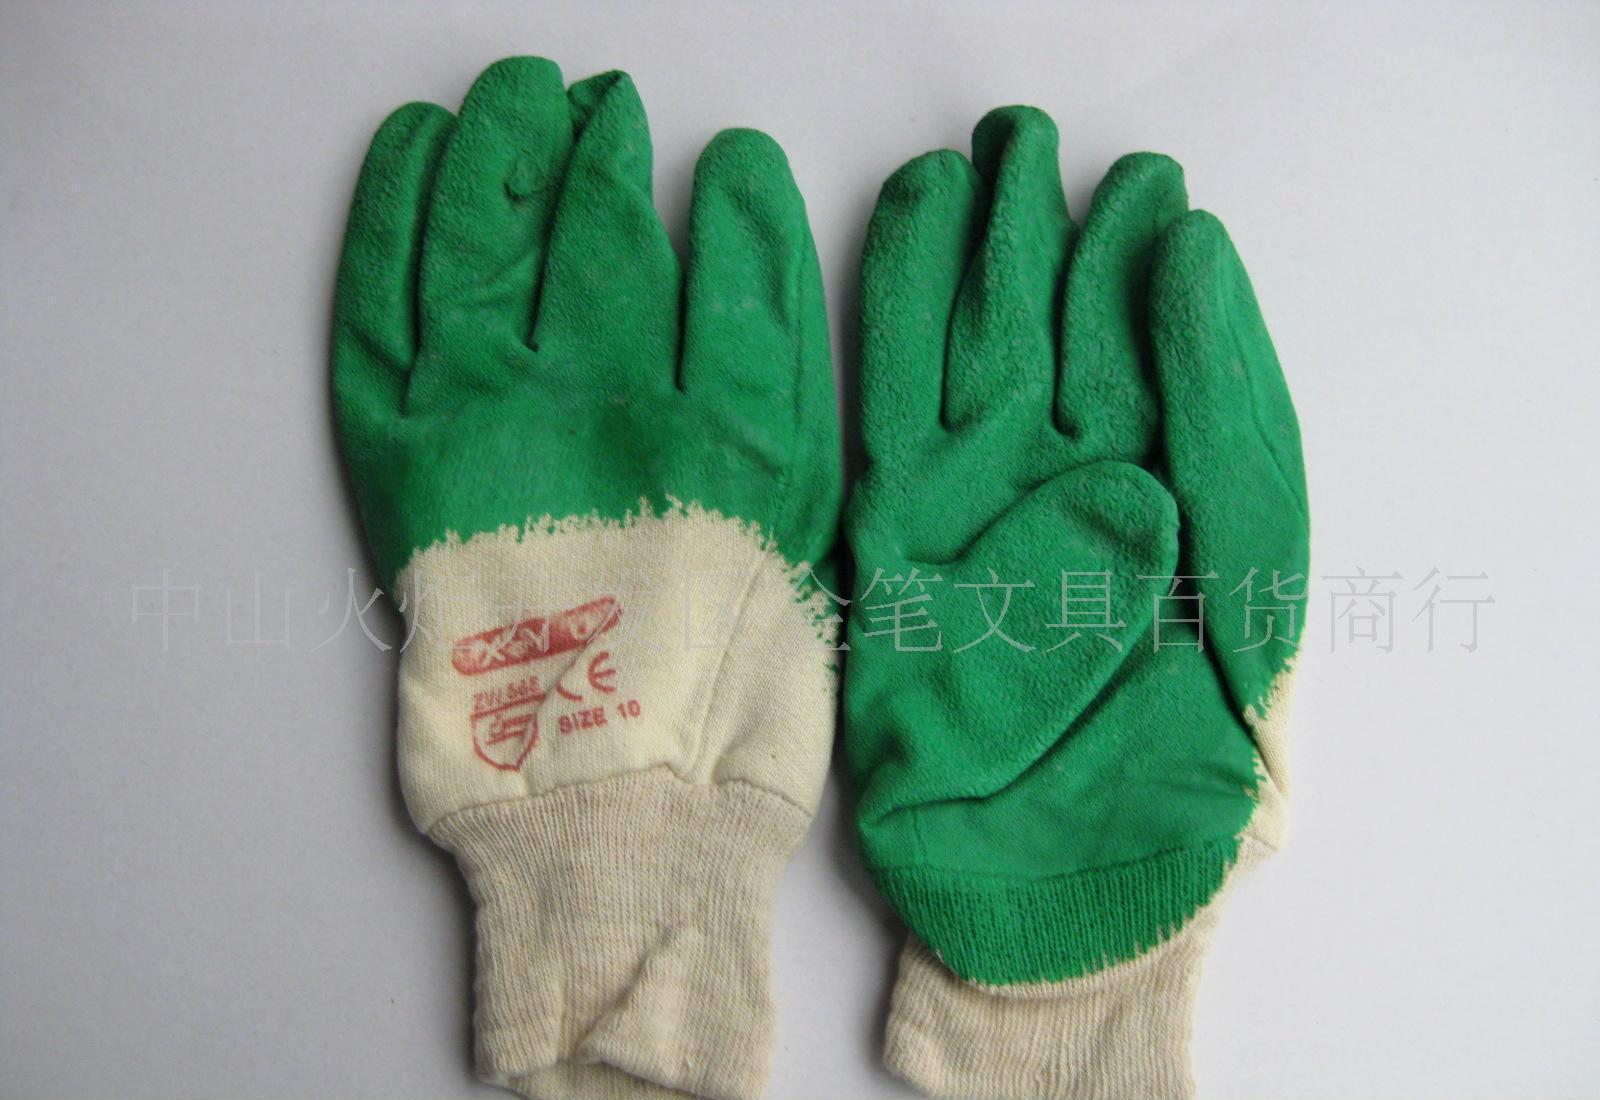 橡胶手套厂_橡胶涂层手套